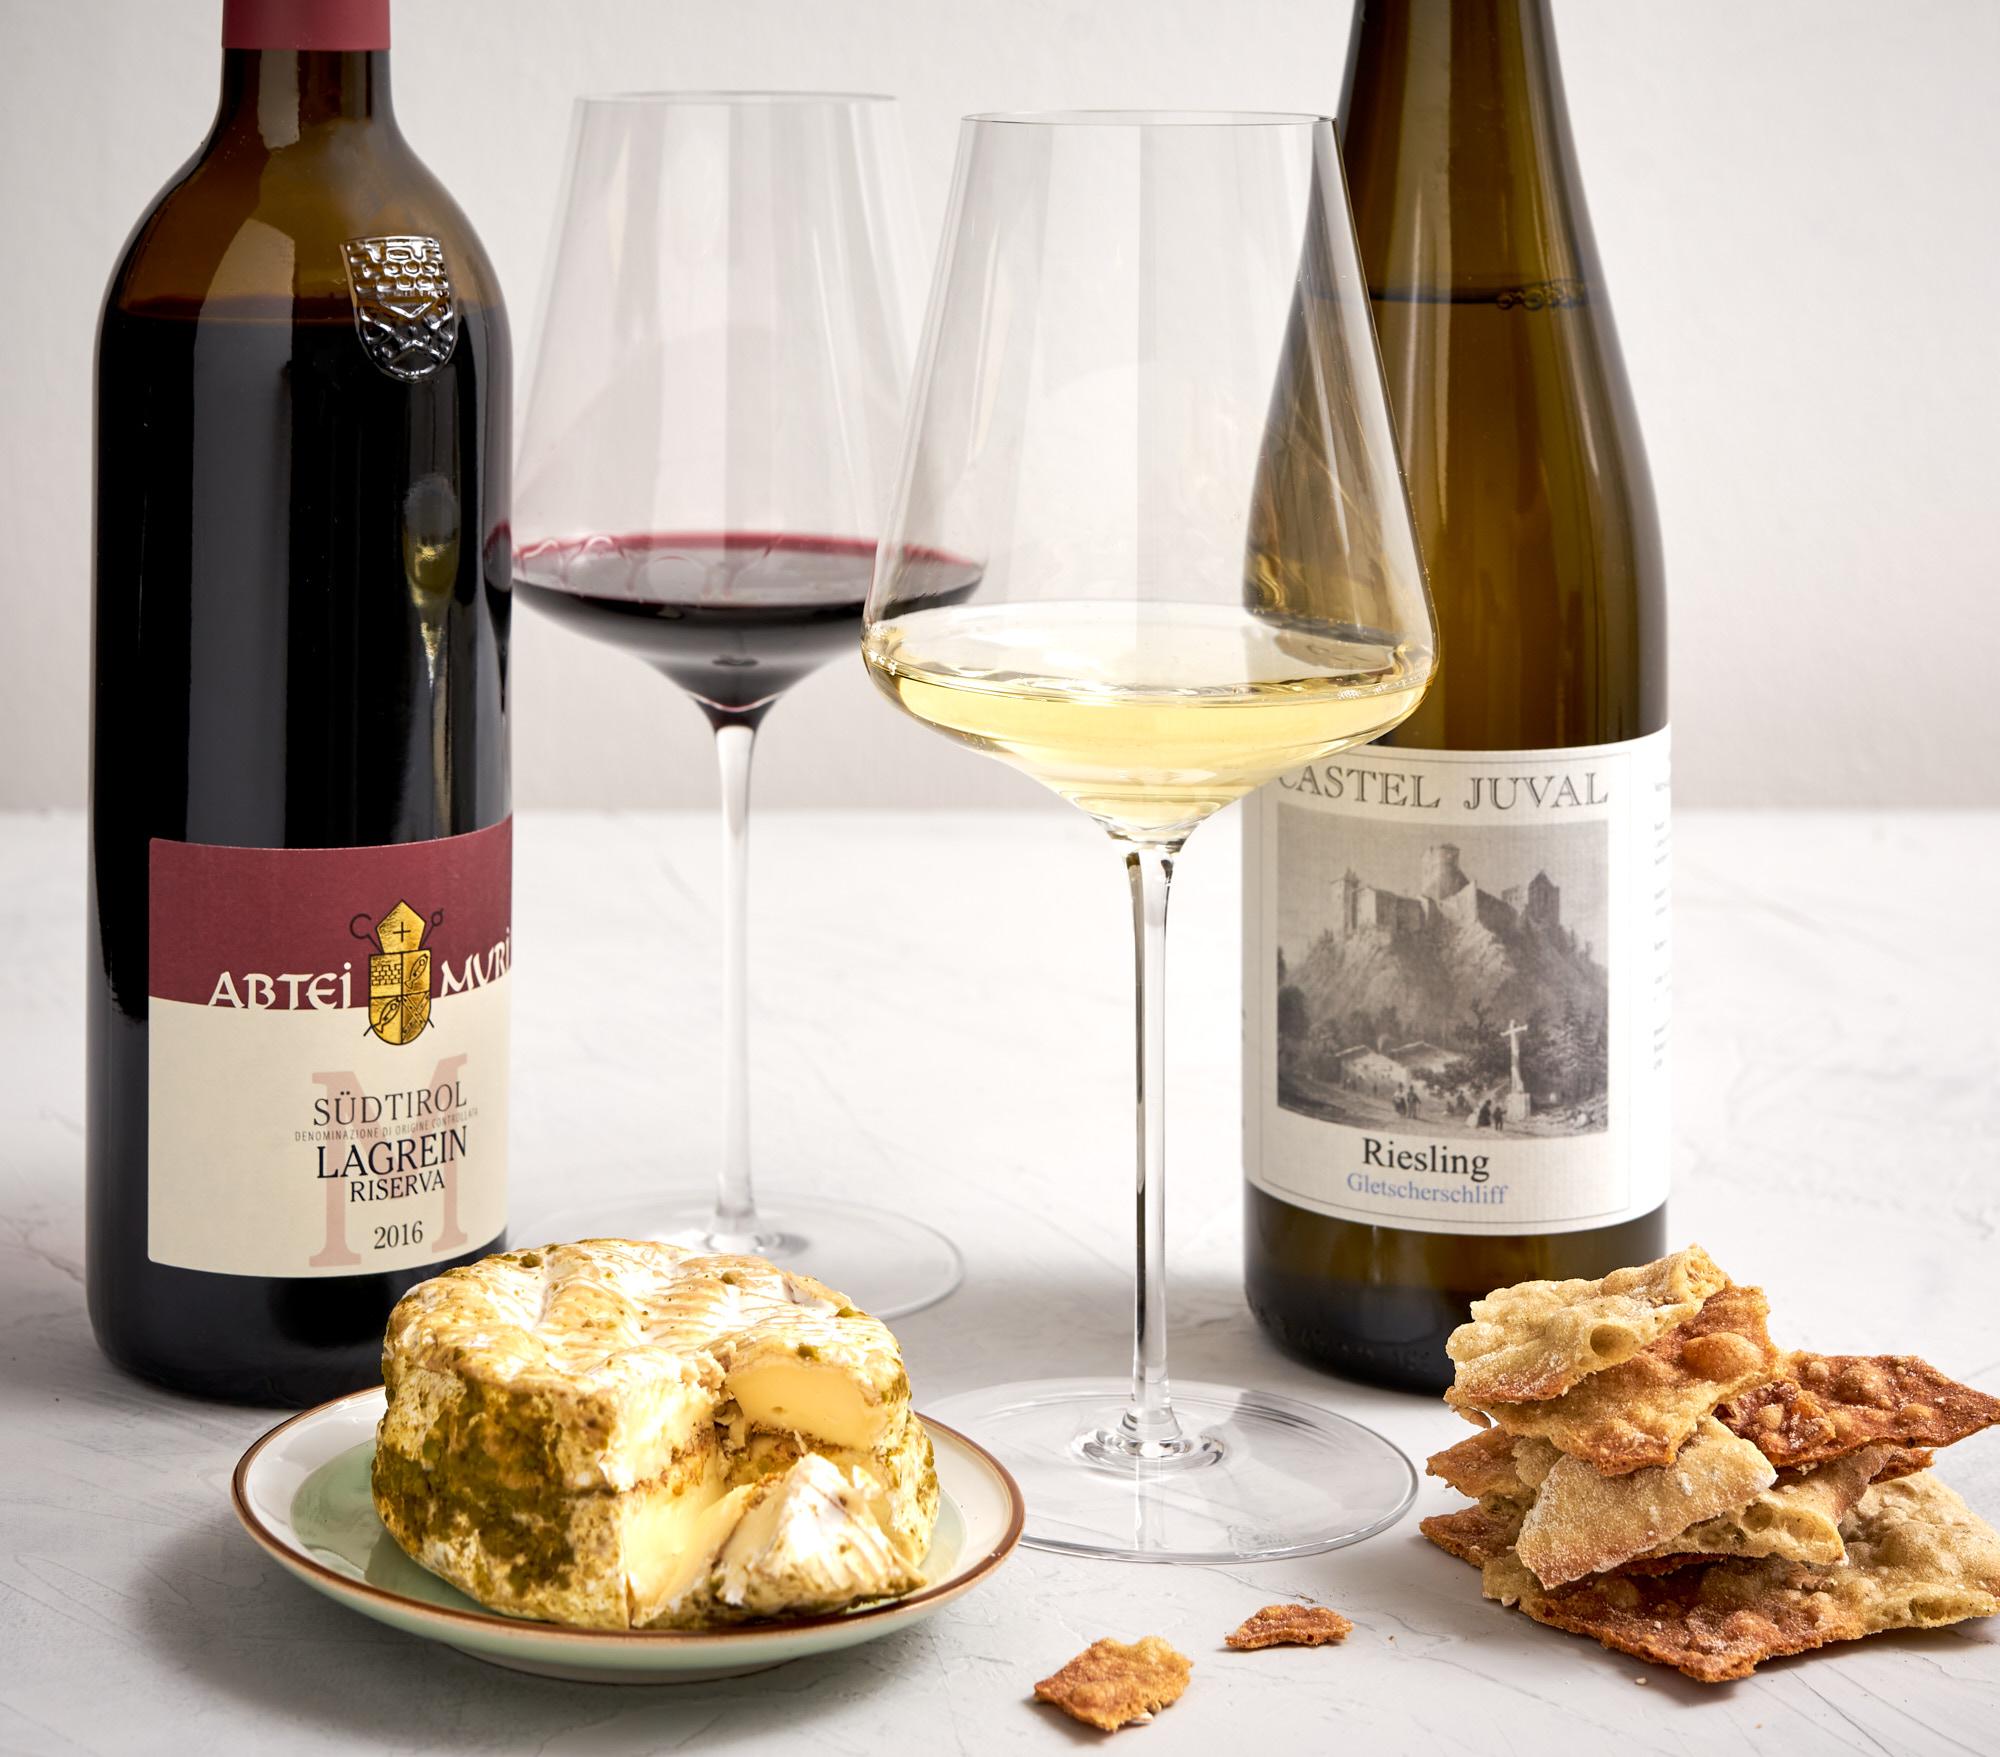 Wein aus Südtirol: Castel Juval Riesling Gletscherschiff & Muri-Gries Lagrein Riserva Abtei